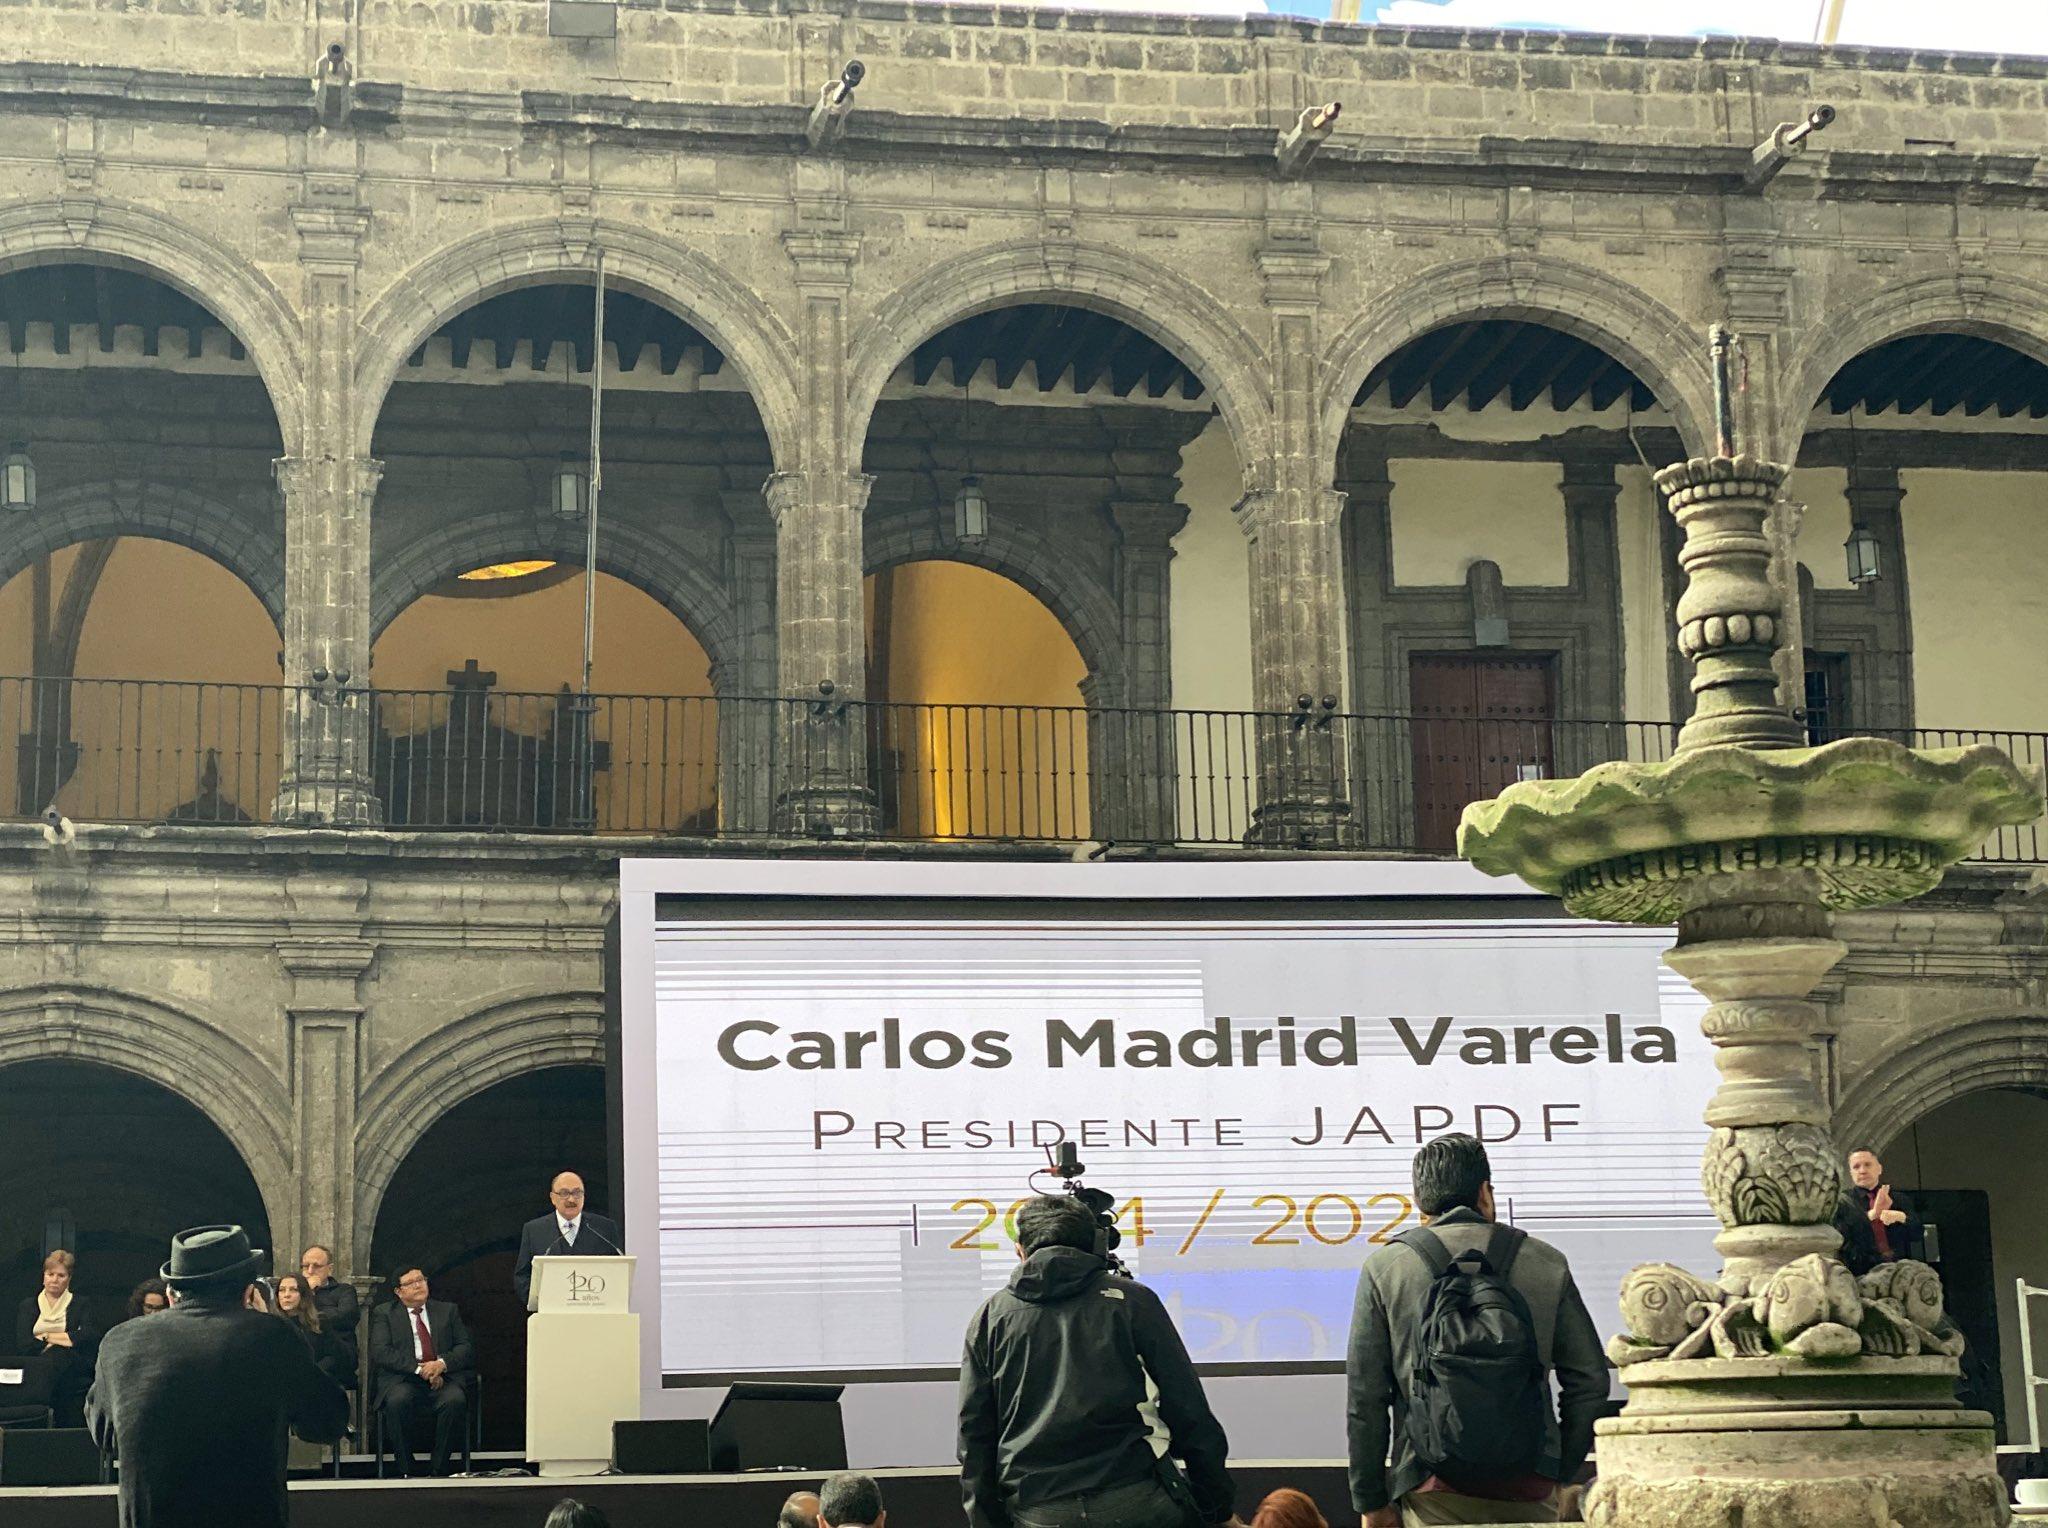 En 2019, la Junta de Asistencia Privada benefició con más de 37 millones de pesos a 50 instituciones de la CDMX